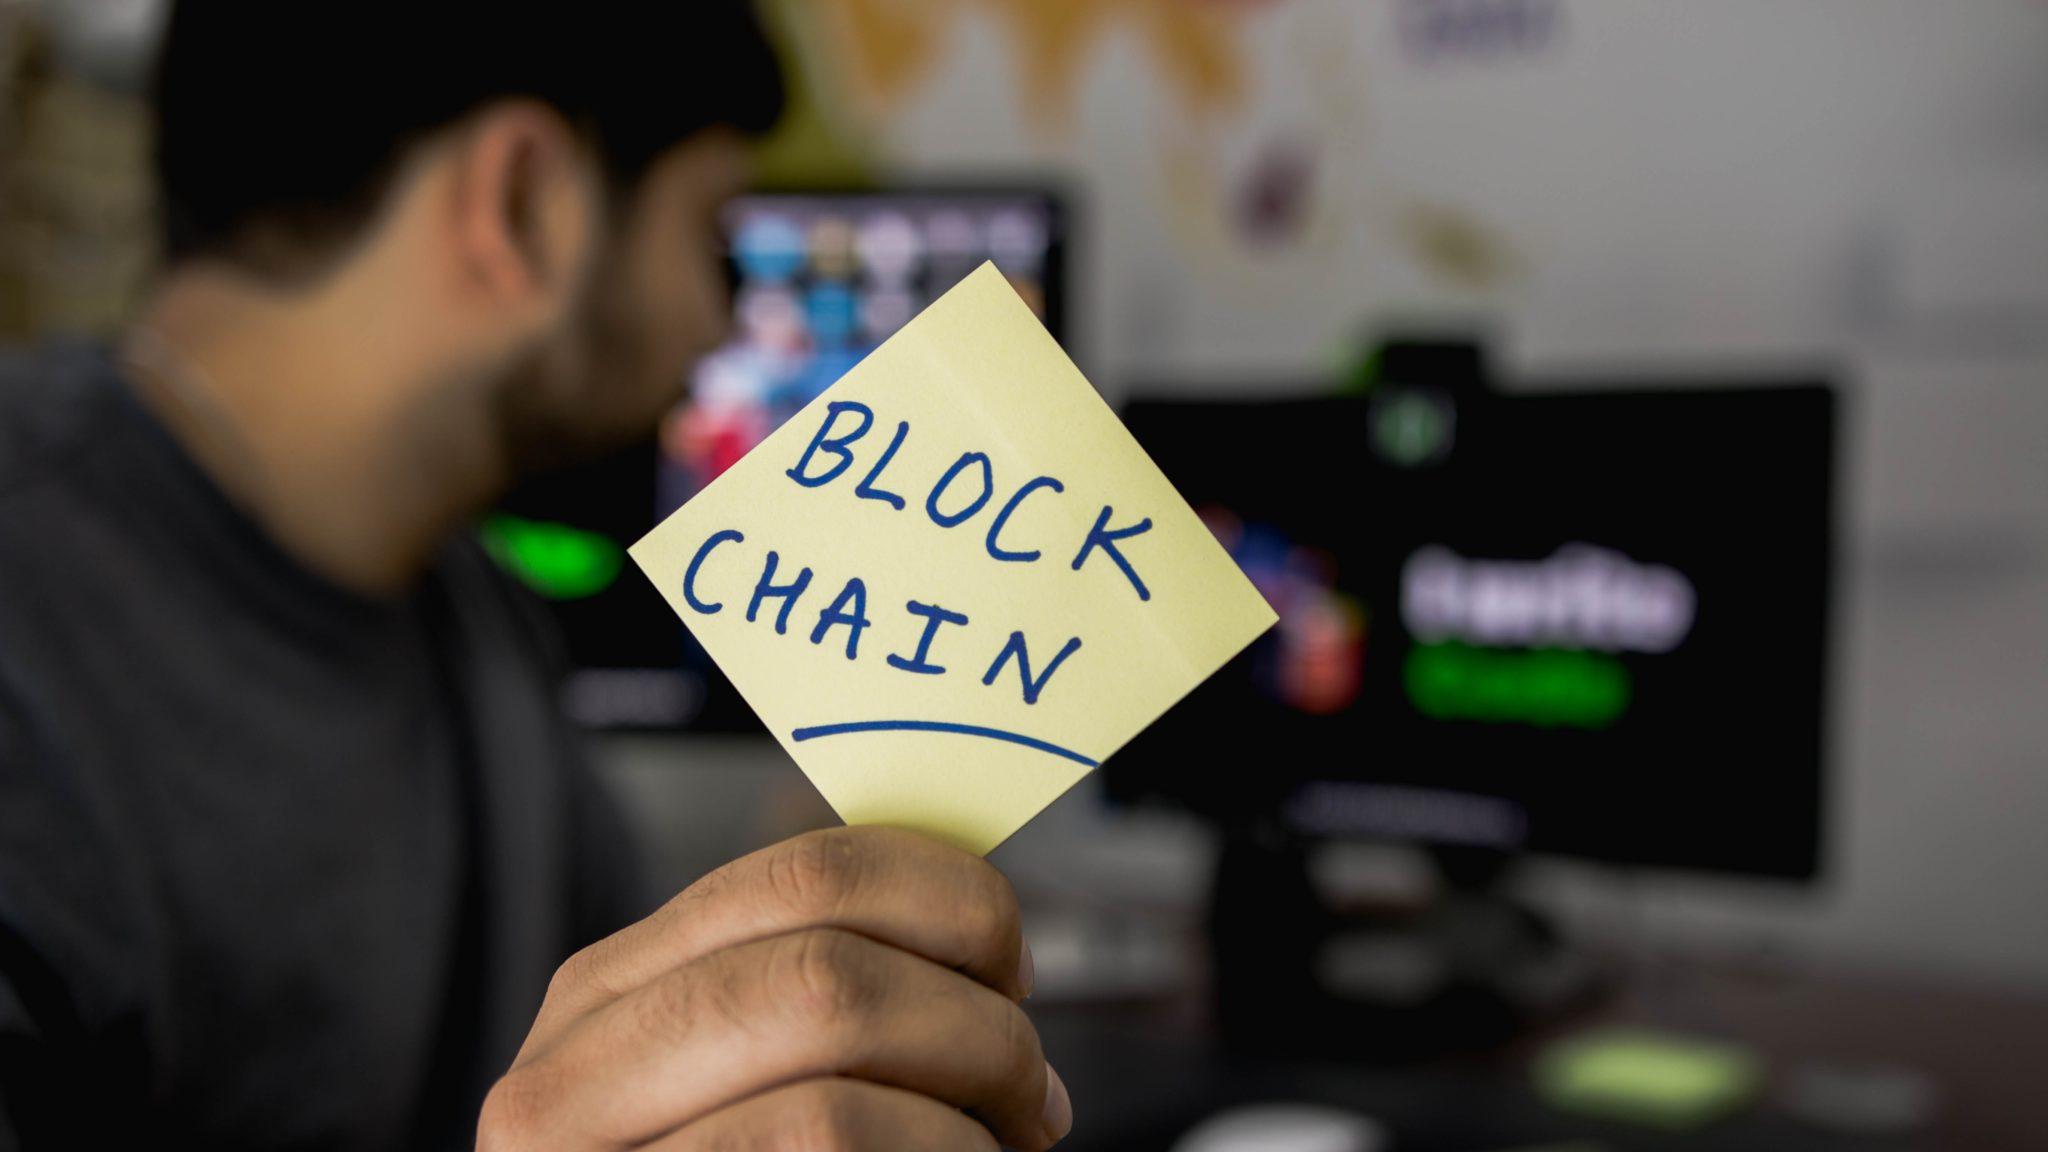 Blockchain, Bitcoin, Big Data, Machine Learning yDevops,son lastecnologías que marcarán el 2019